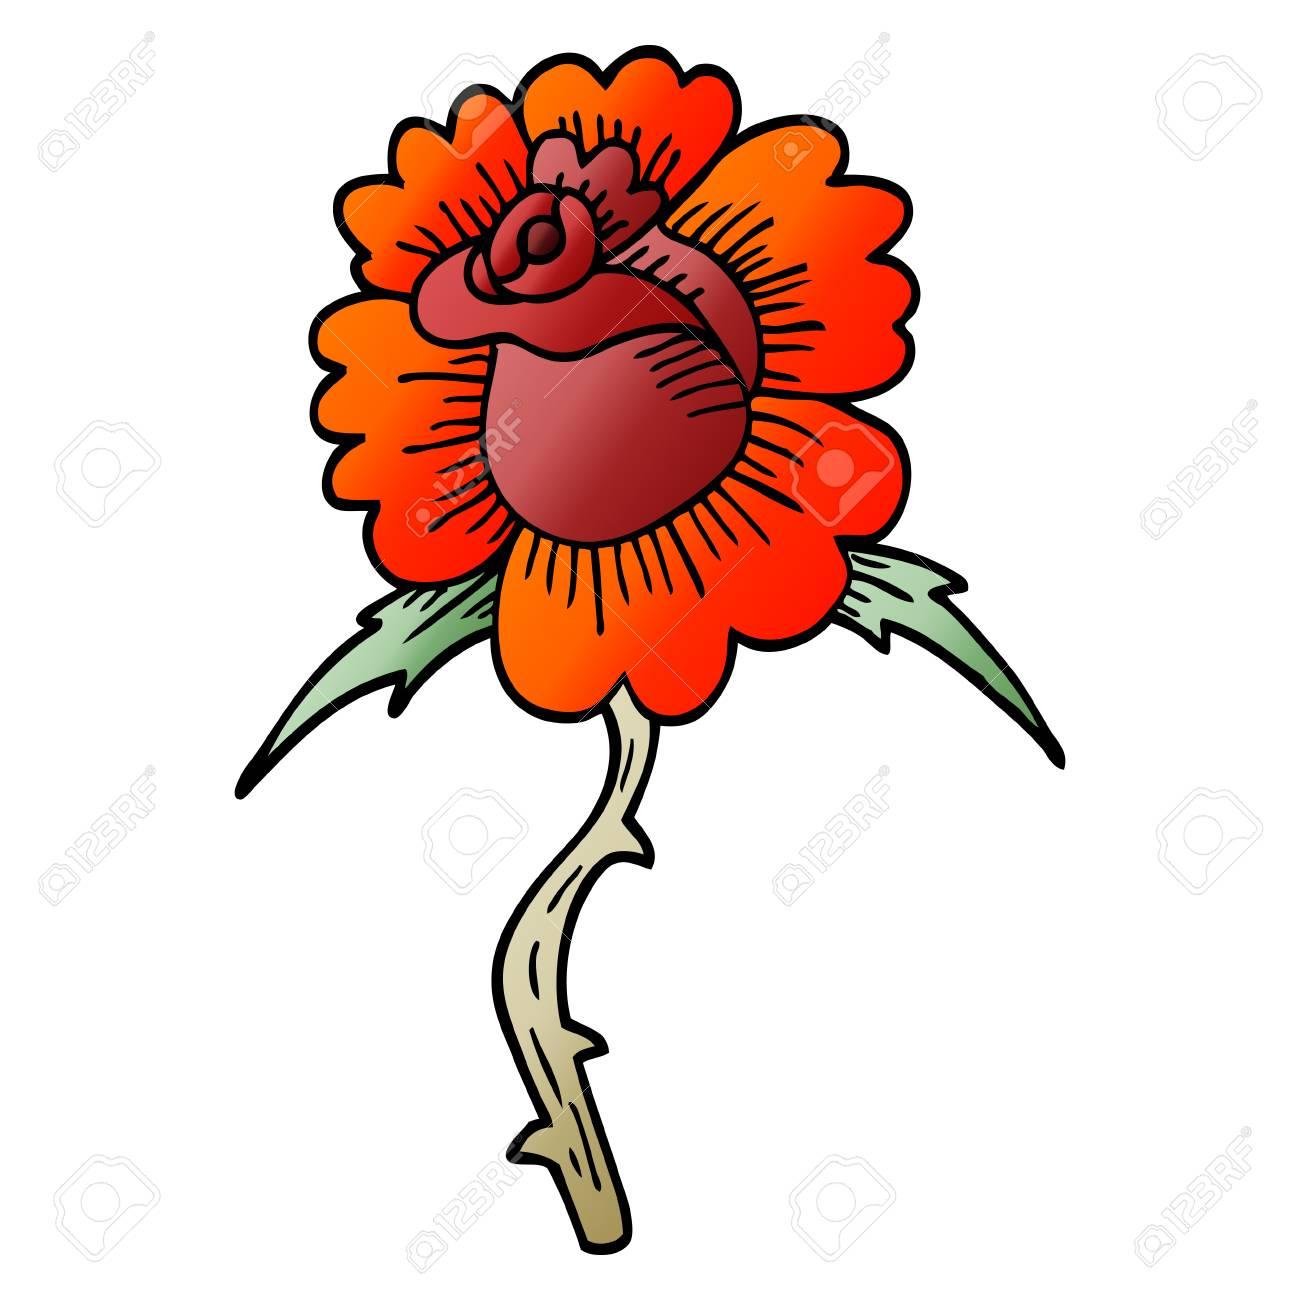 30661f57c Cartoon Doodle Rose Tattoo Symbol Royalty Free Cliparts, Vectors ...